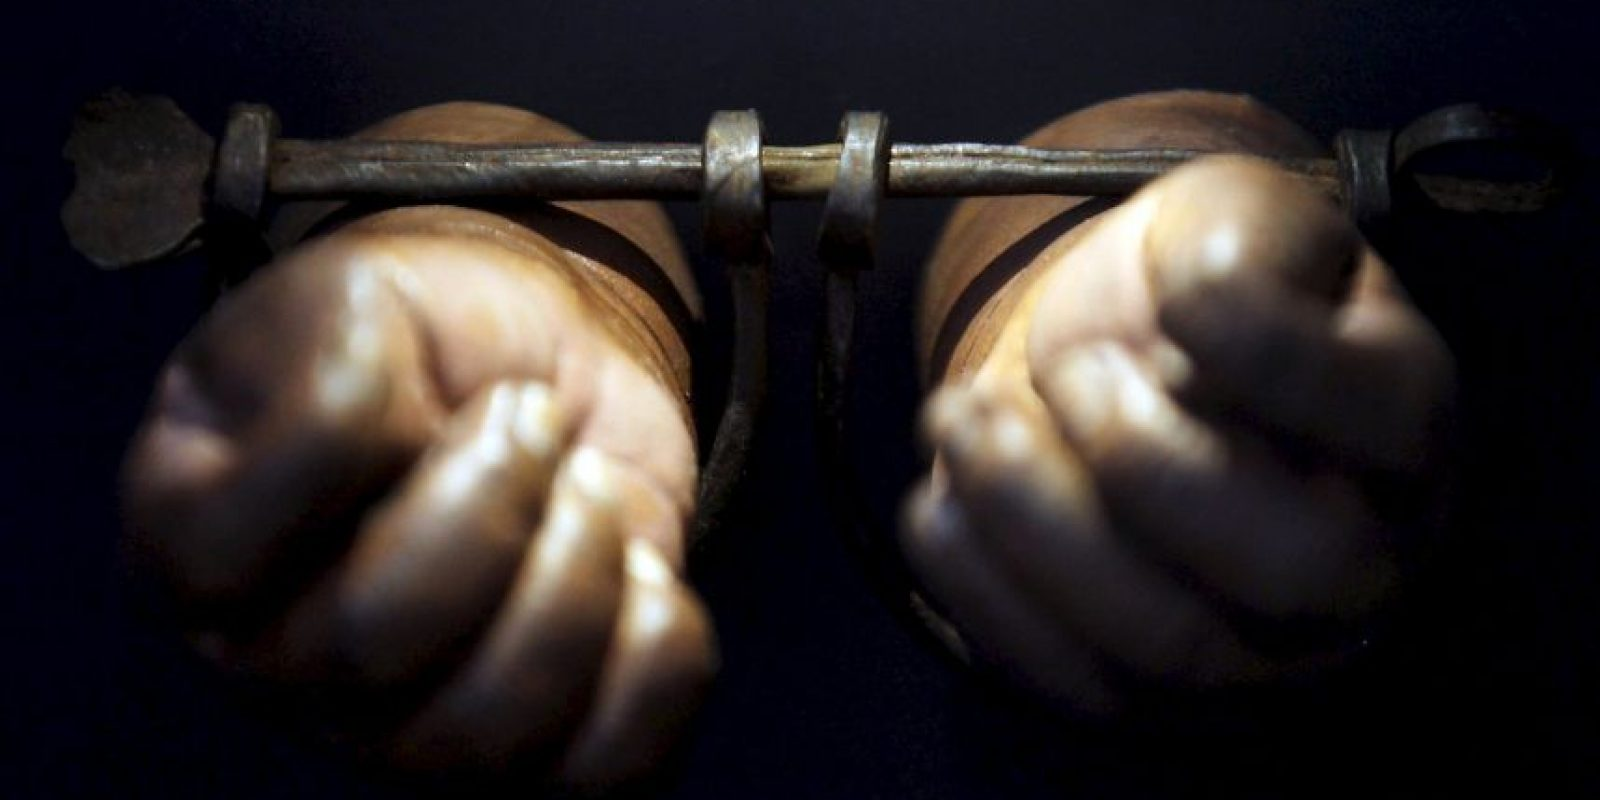 Perú- 66 mil 300 personas son esclavizadas en este país. Ocupa el sexto lugar de la lista. Foto:Getty Images